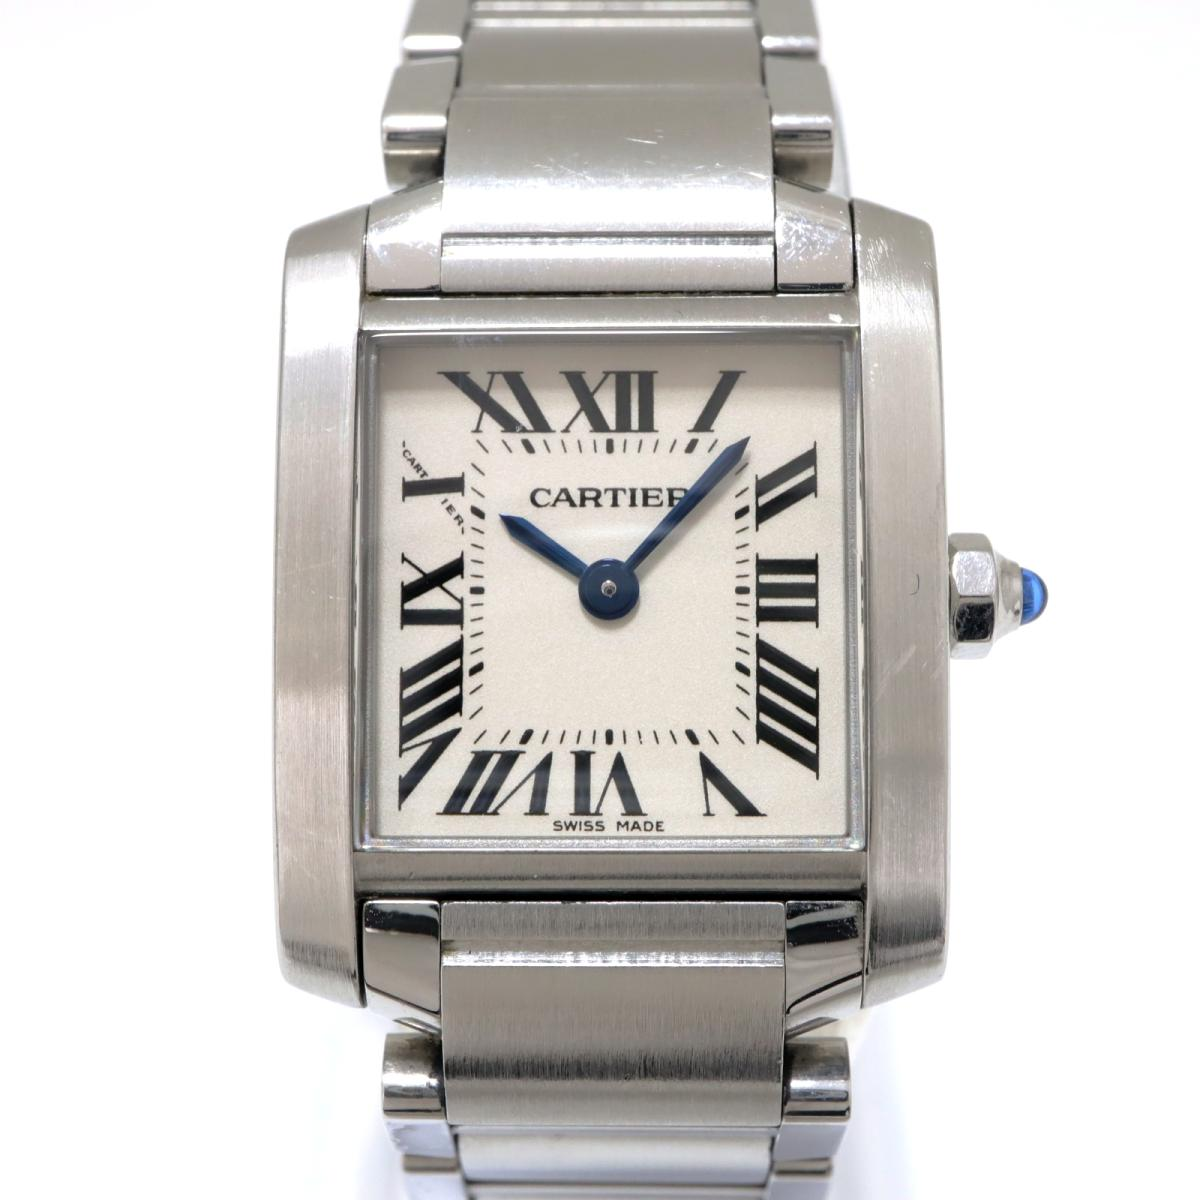 【中古】 カルティエ タンクフランセーズ SM 腕時計 レディース ステンレススチール (SS) ホワイト (W51008Q3) | Cartier BRANDOFF ブランドオフ ブランド ブランド時計 ブランド腕時計 時計 ウォッチ